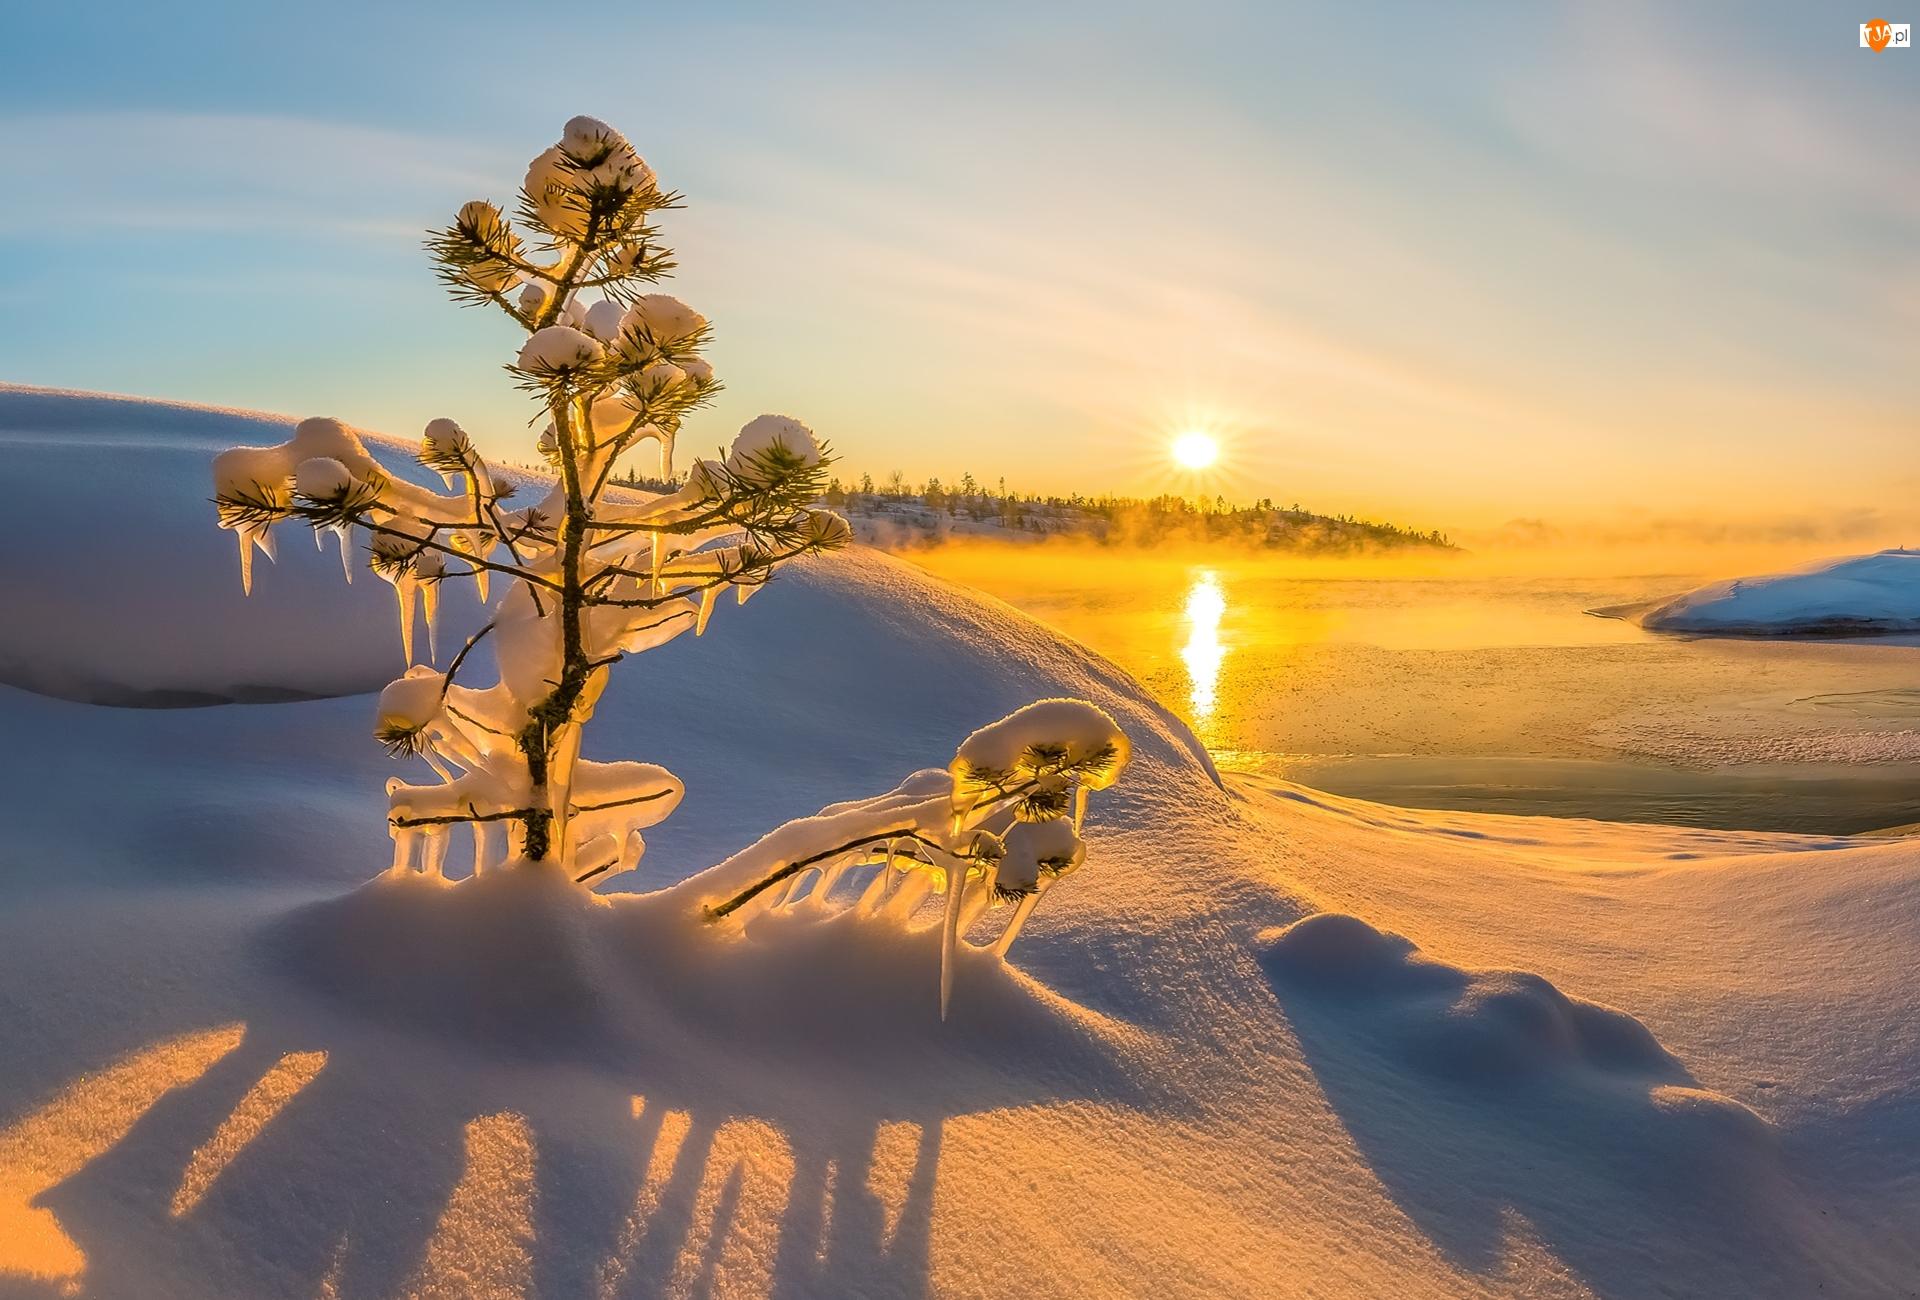 Jezioro, Zaśnieżone, Wschód słońca, Zima, Mgła, Sople, Drzewko